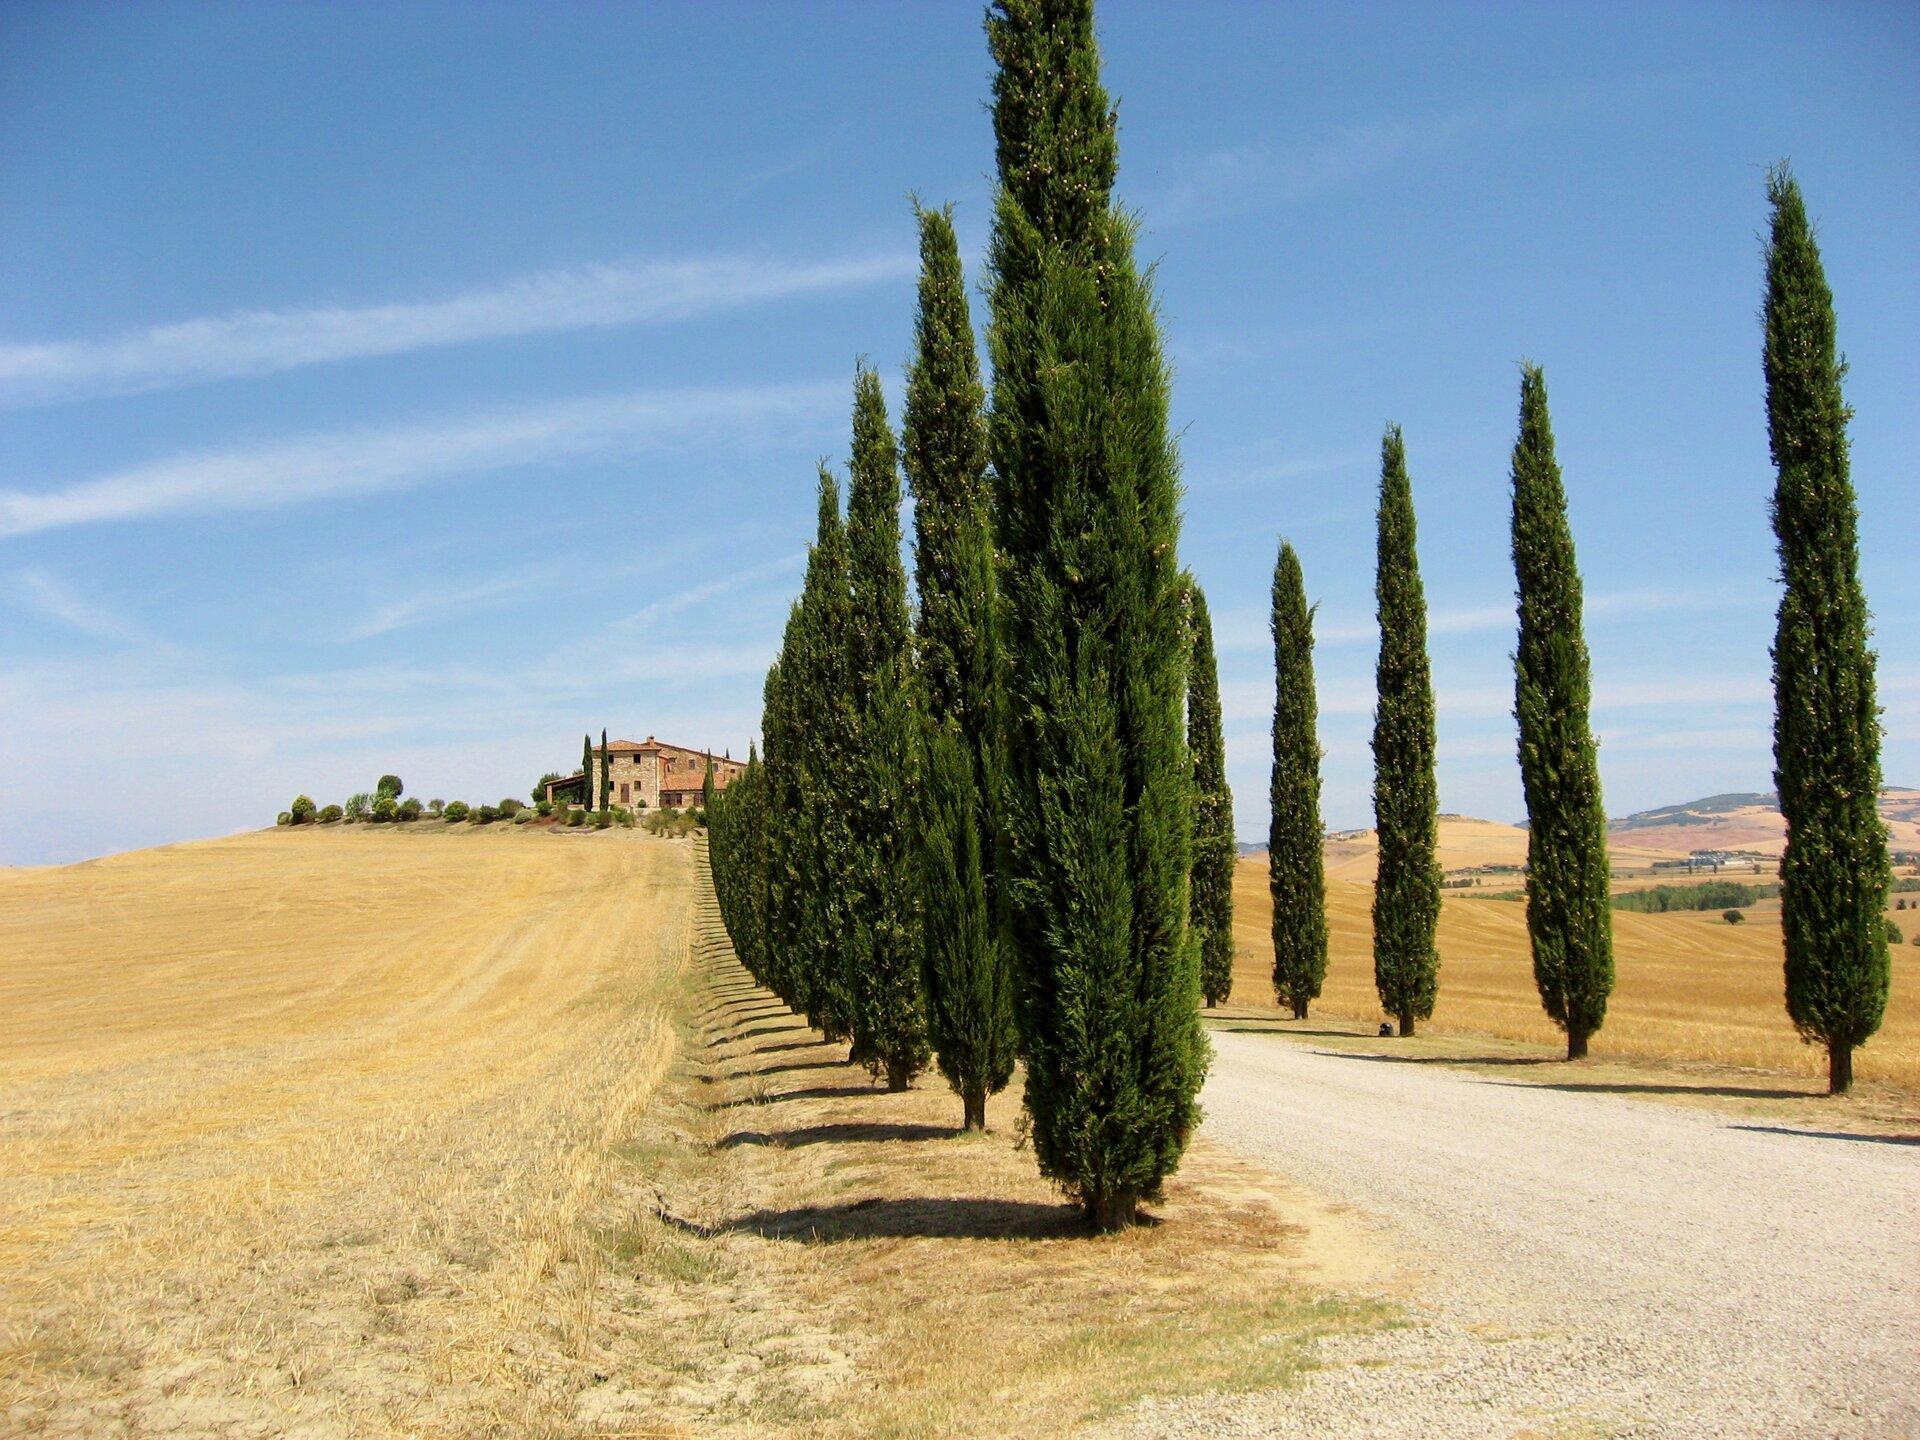 Na zdjęciu aleja zielonych cyprysów wzdłuż żwirowej drogi. Wtle zabudowania. Dookoła skoszone pola.